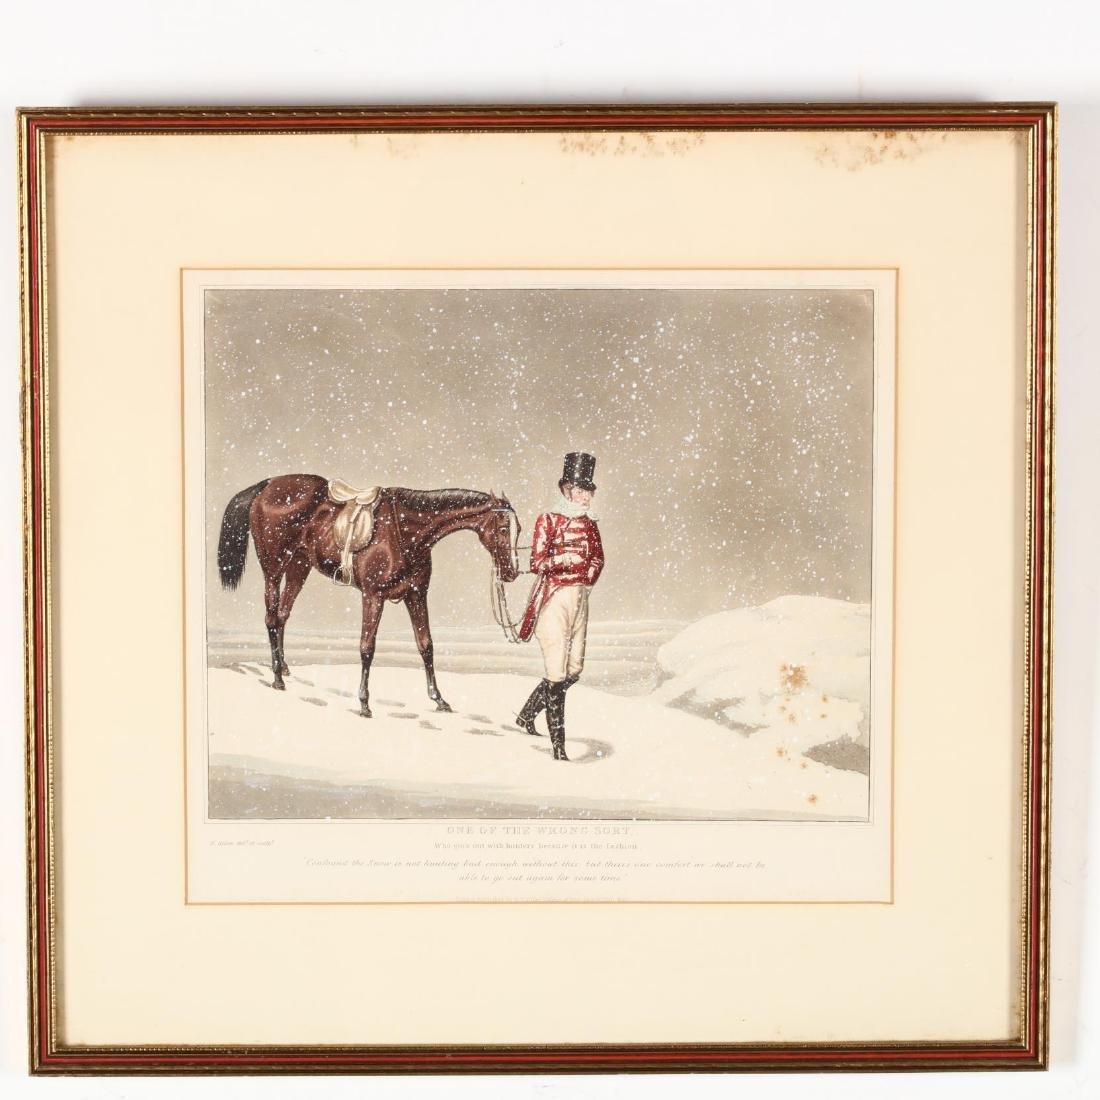 after Henry Alken (British, 1785-1851), Pair of Snowy - 2